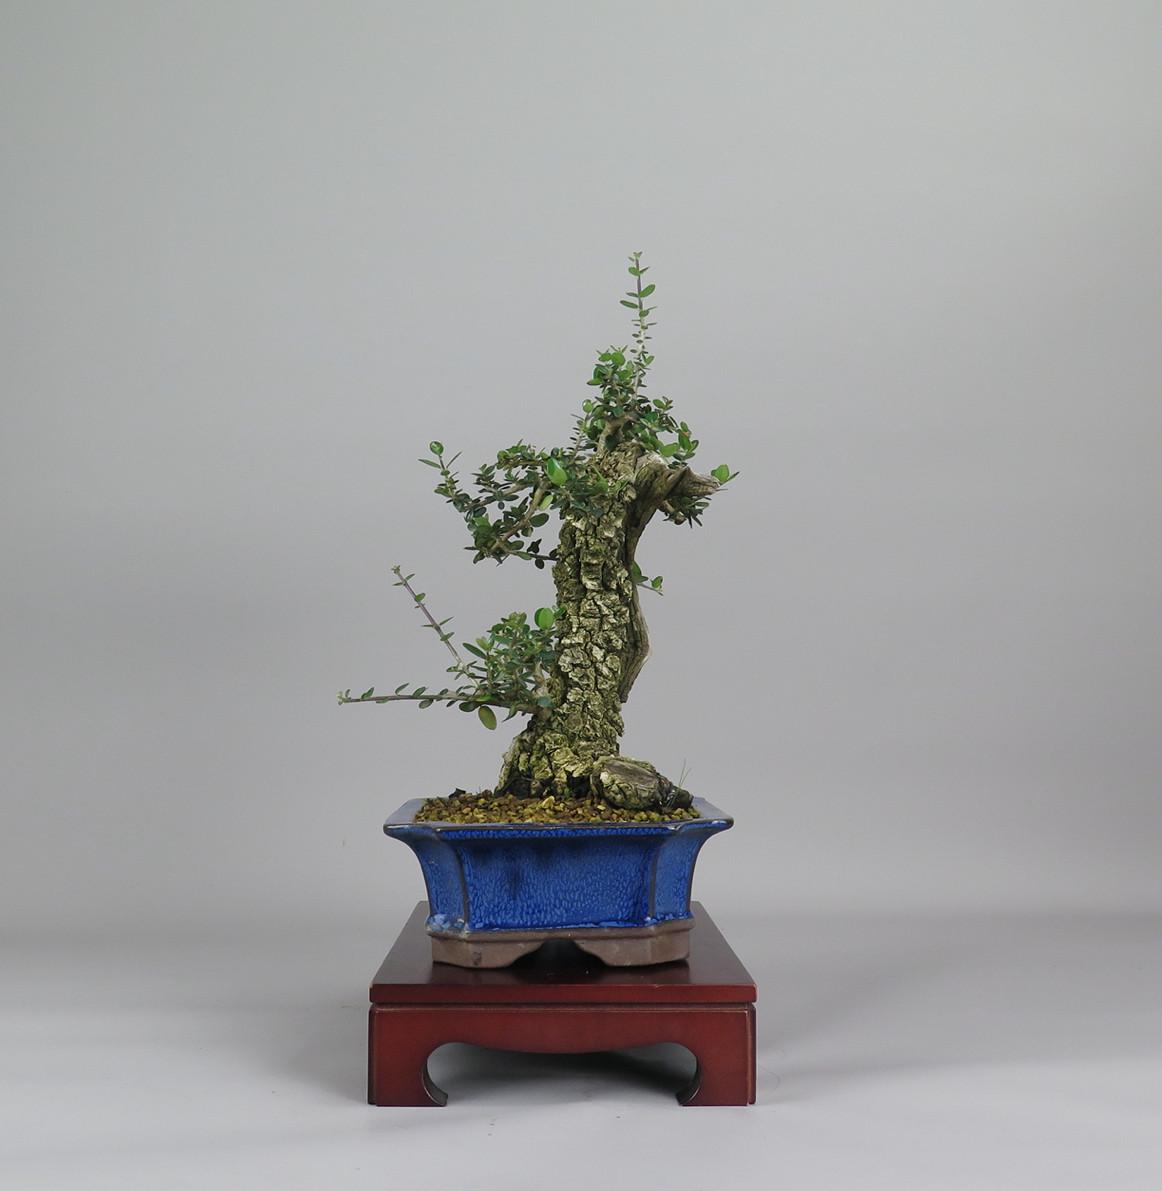 Bonsai de olivo, lateral derecho